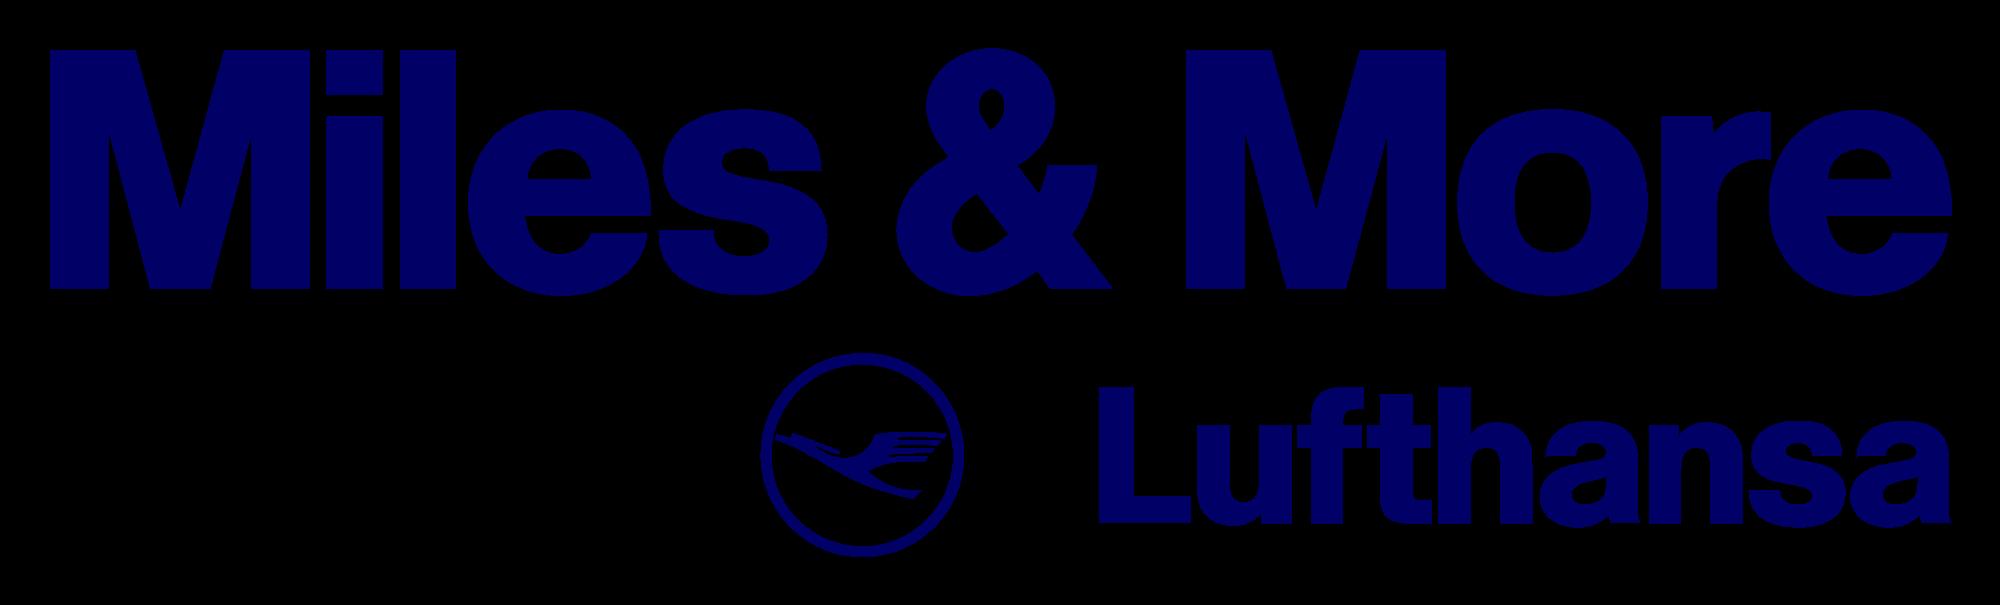 Lufthansa Miles & More Logo